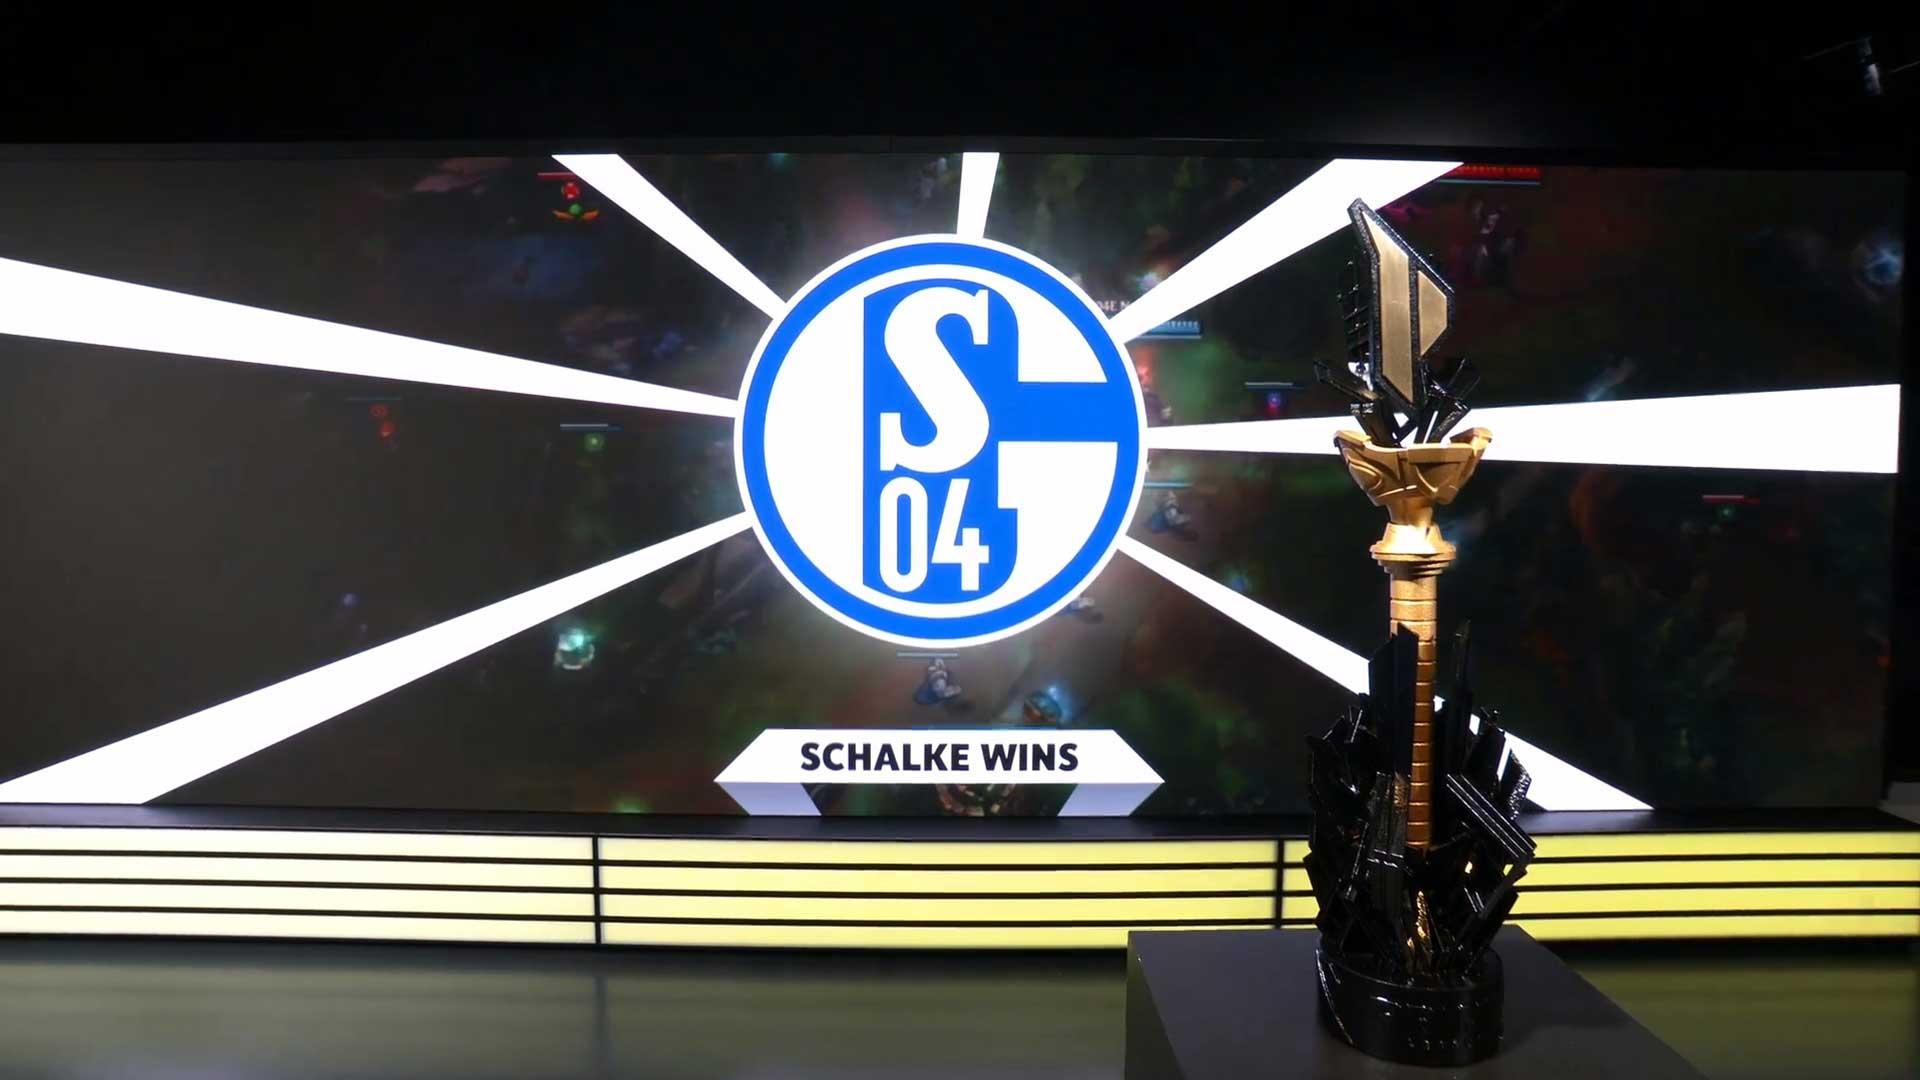 schalke win babt